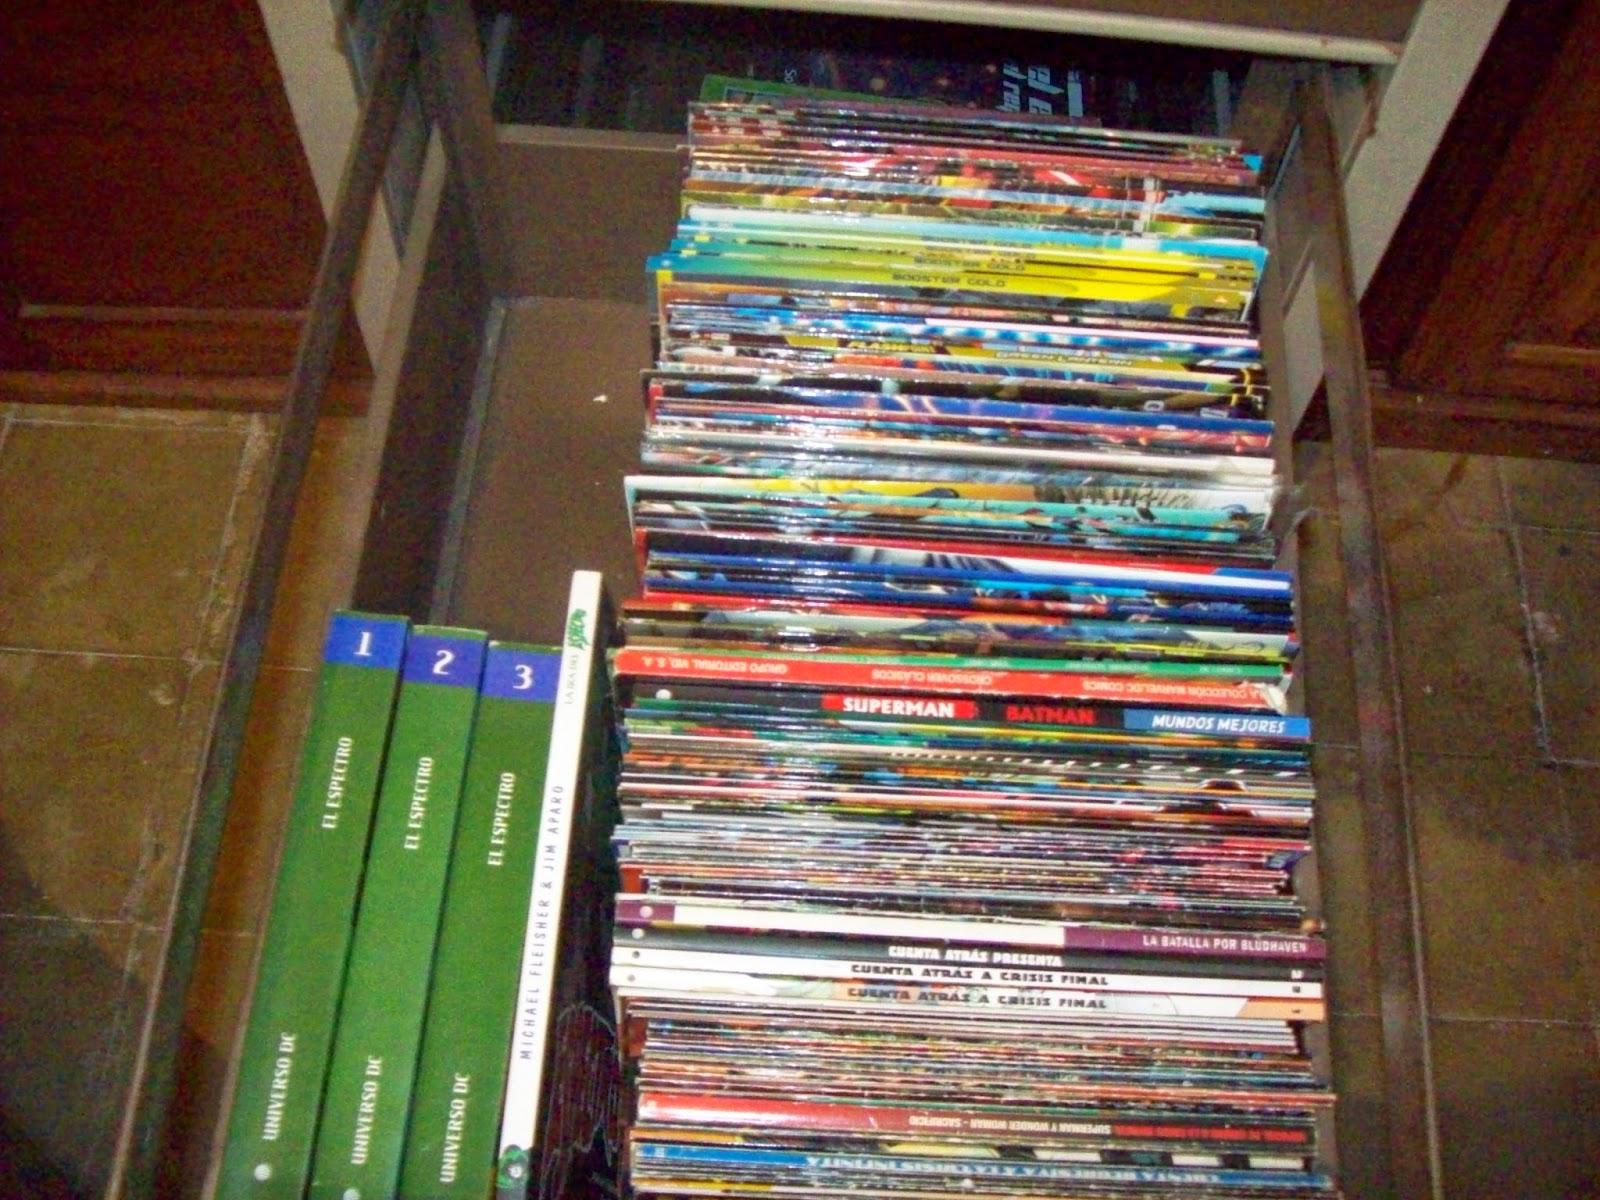 [COMICS] Colecciones de Comics ¿Quién la tiene más grande?  - Página 6 100_5550